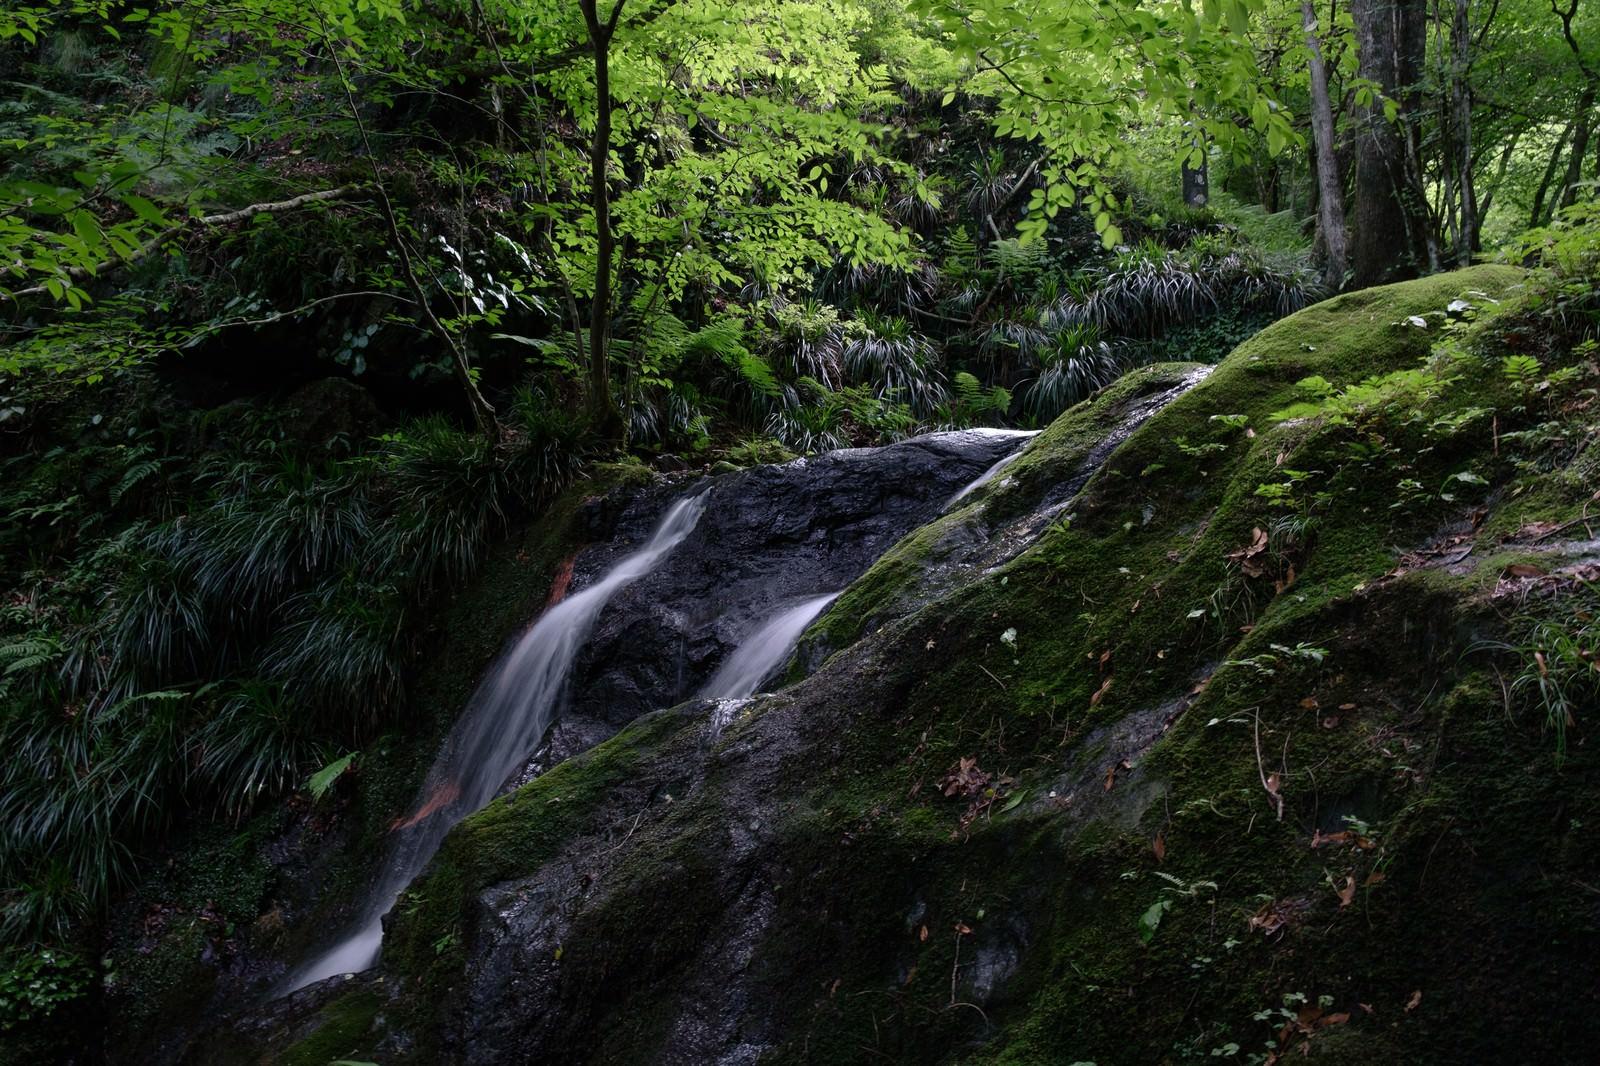 「緑鮮やかな棒ノ嶺・藤懸の滝」の写真